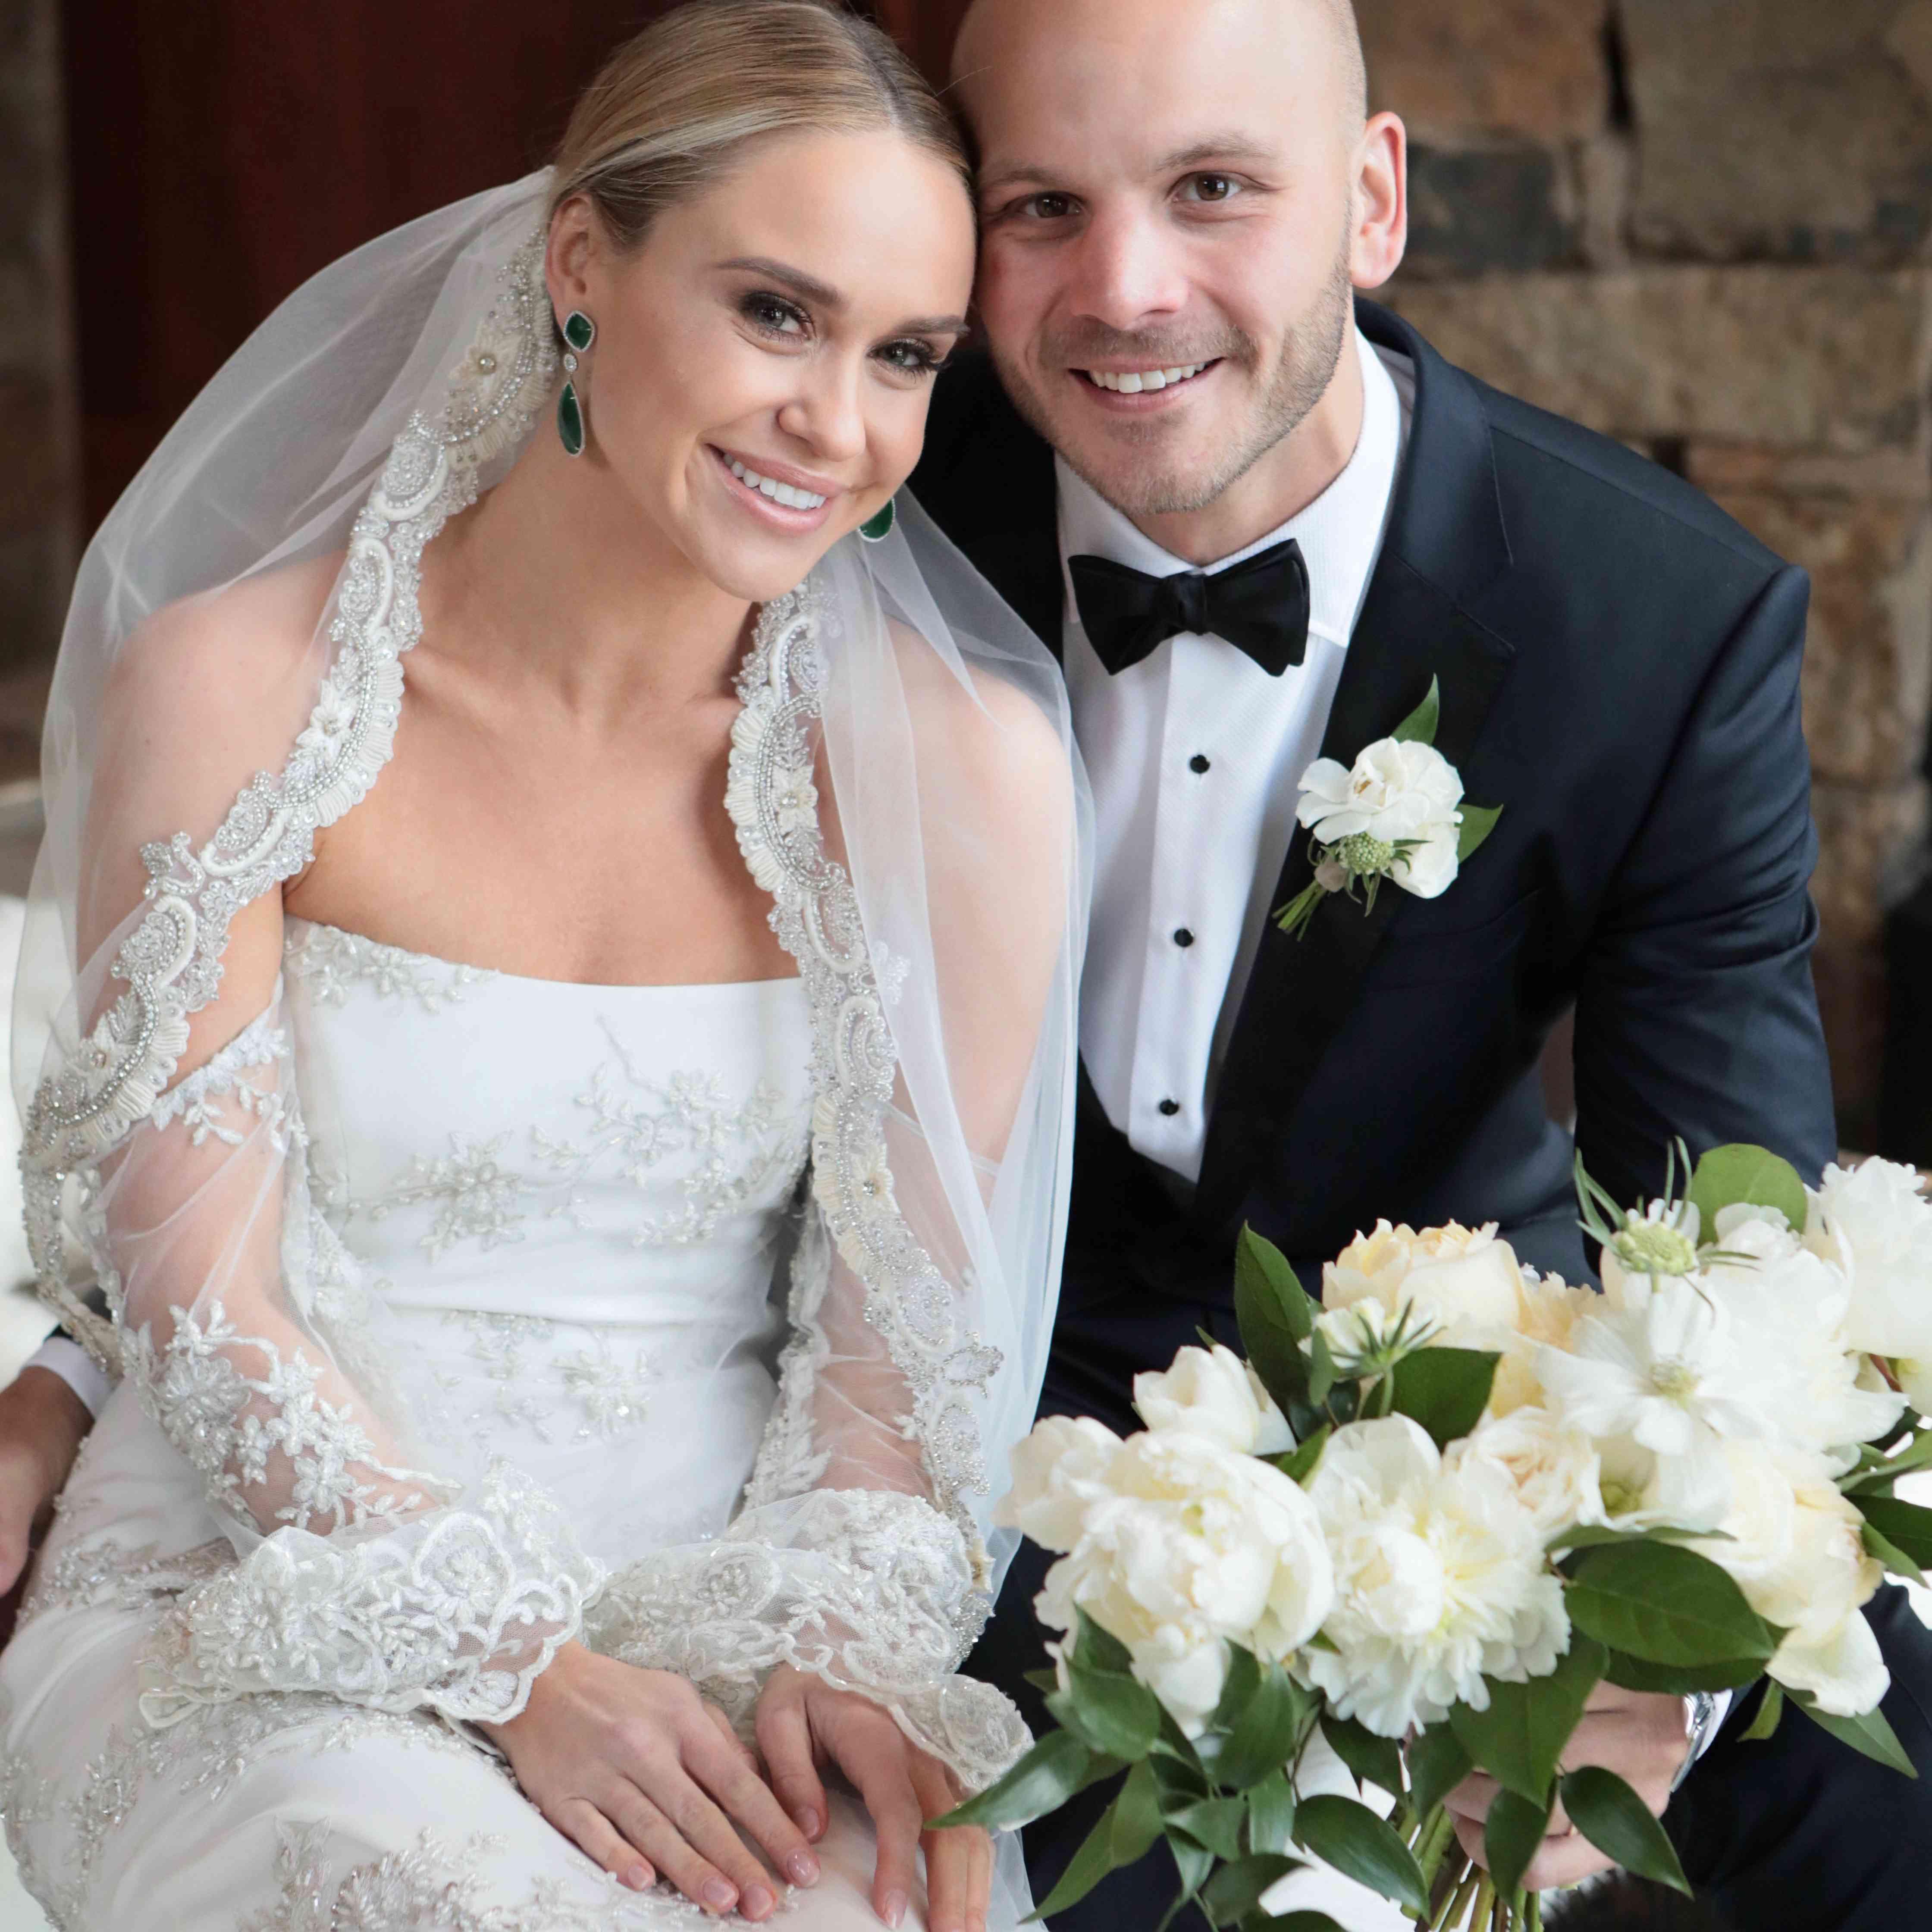 Ecr Wedding In A Week Facebook: Glee 's Becca Tobin Is Married! See Her Exclusive Wedding